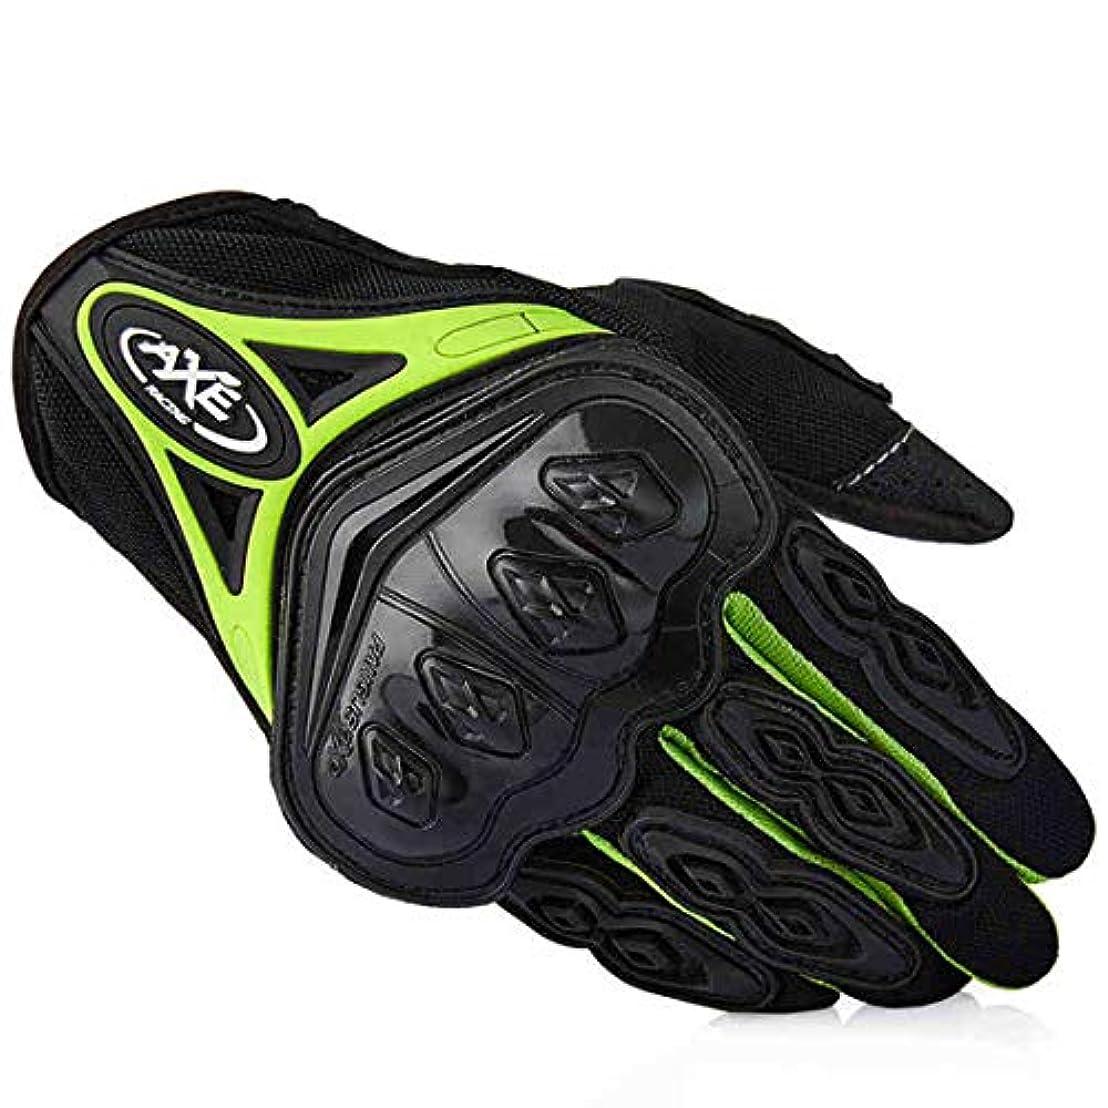 エクスタシー悲観的型Annis6 夏の屋外スポーツのオートバイの手袋通気性の耐衝撃性 (色 : オレンジ, サイズ : XL)